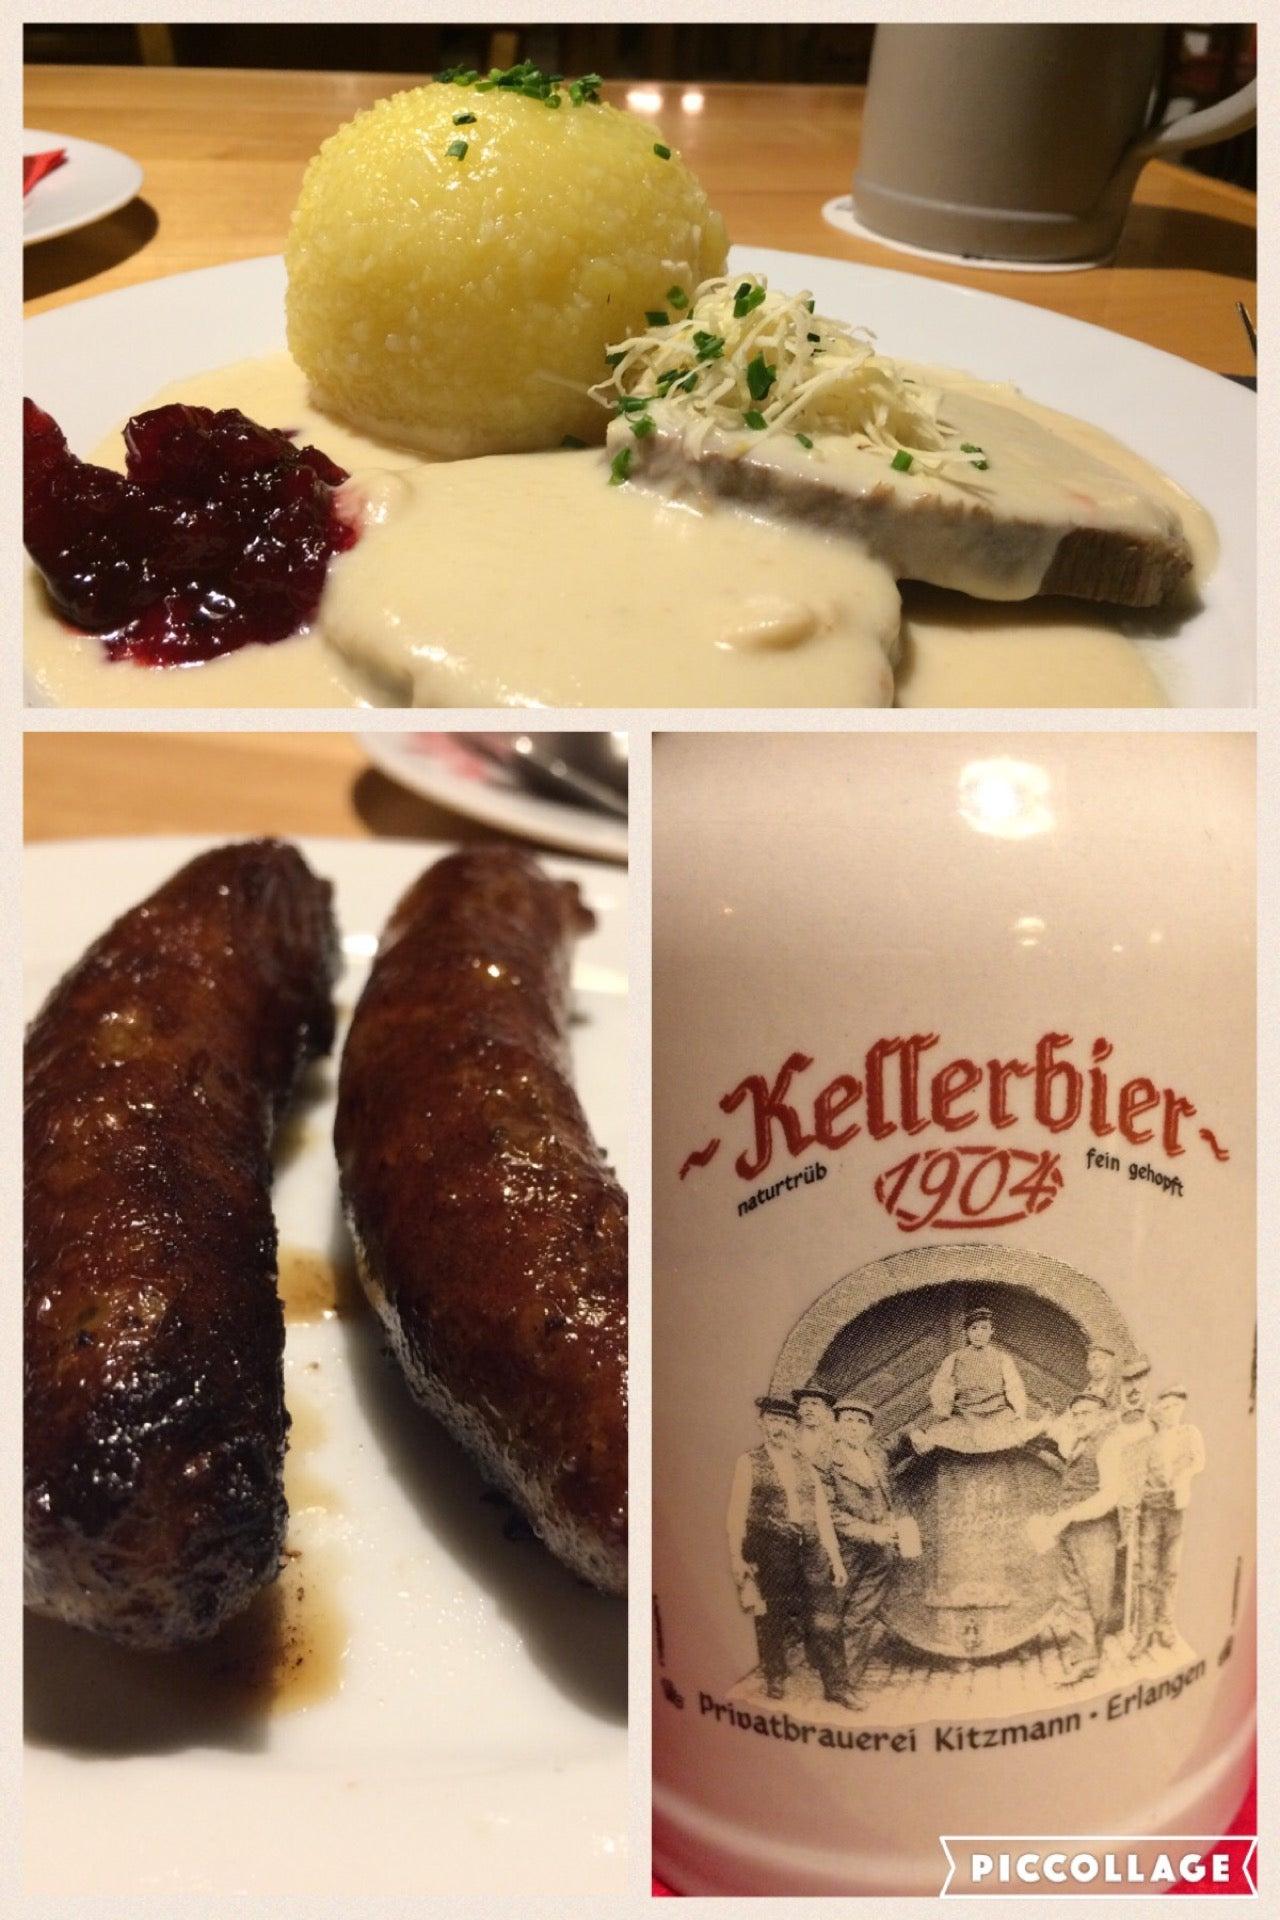 Kitzmann BräuSchänke in Erlangen – speisekarte.de